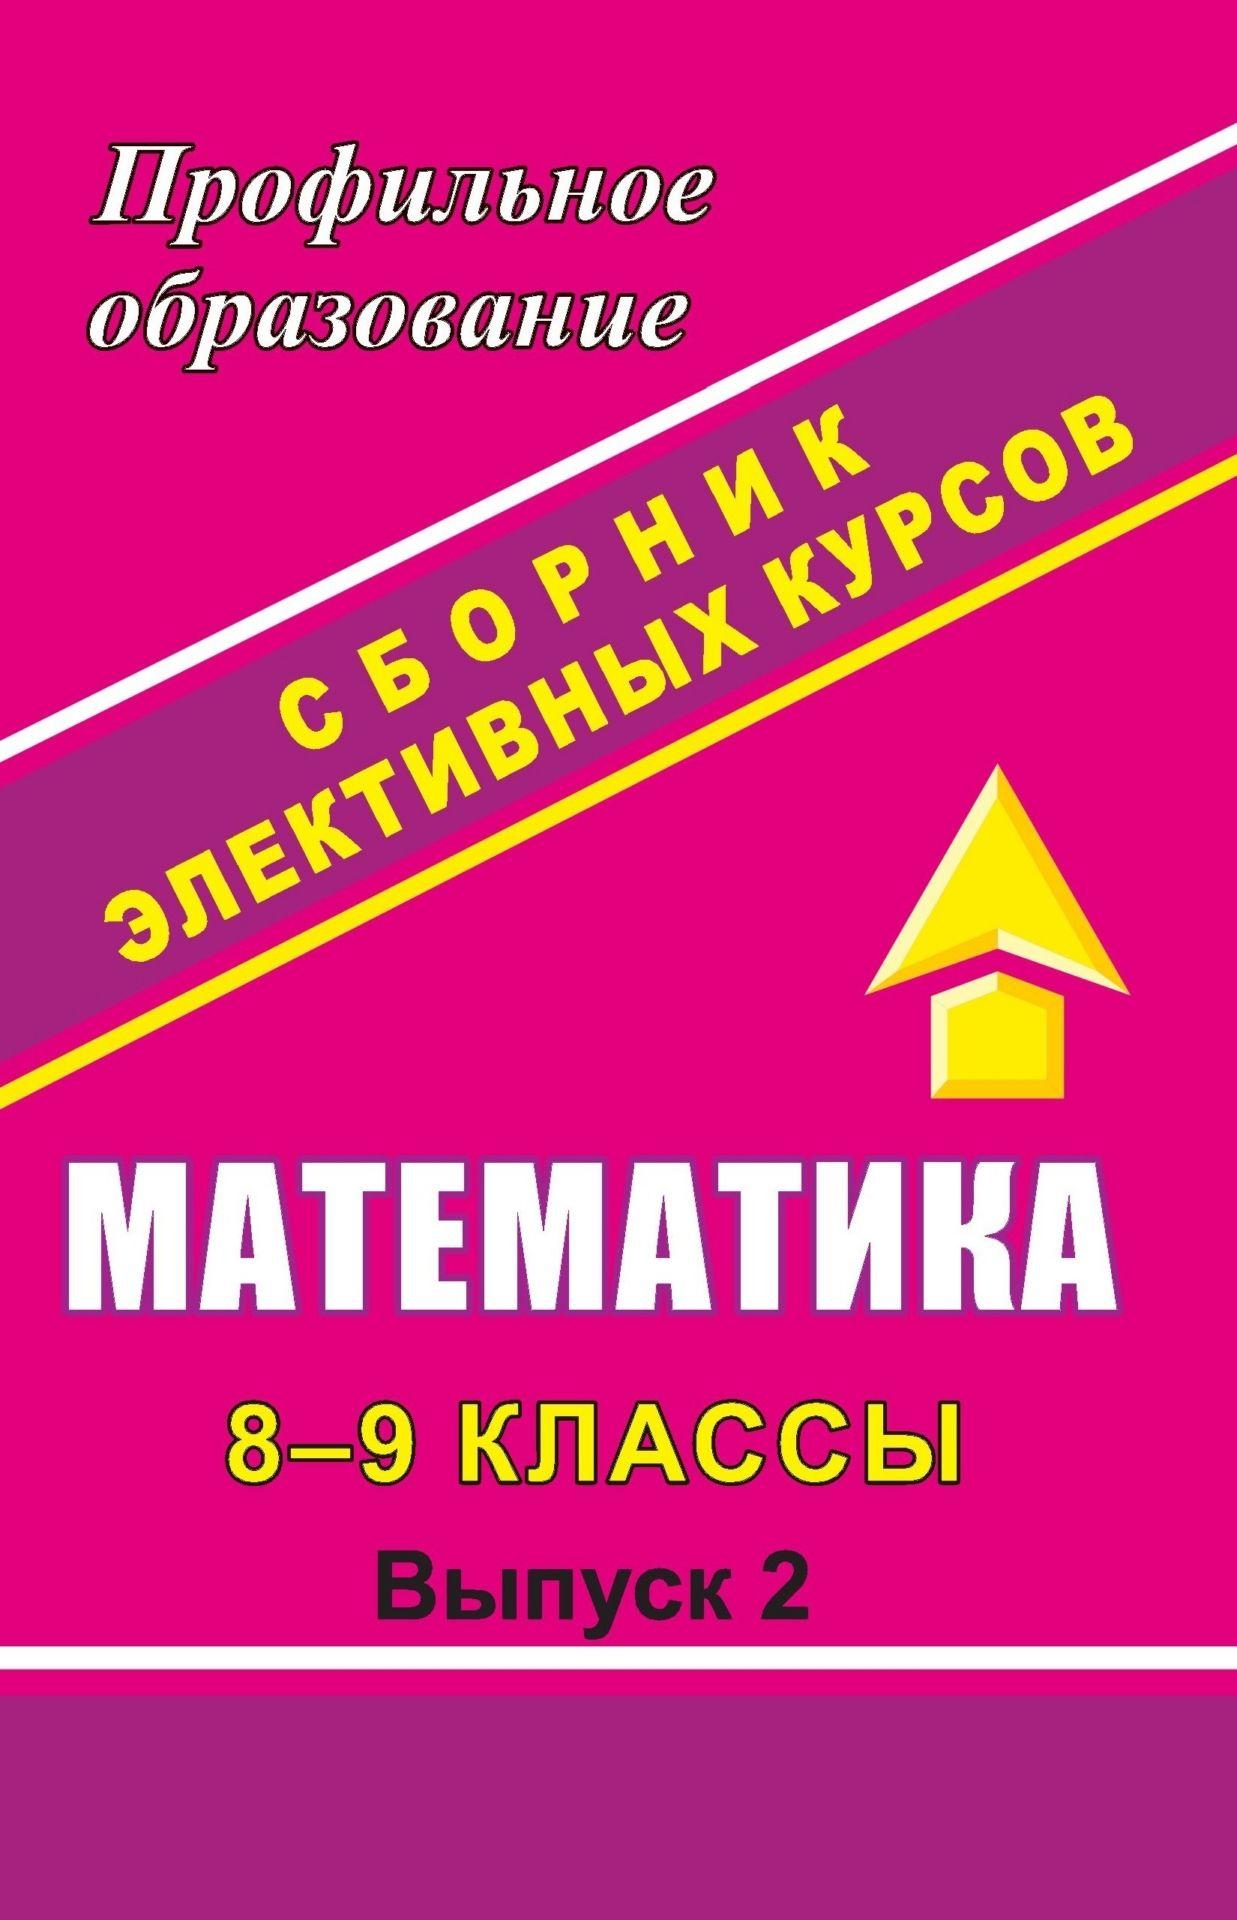 """Математика. 8-9 кл. Сборник элективных курсов: """"Графики улыбаются"""" и др."""